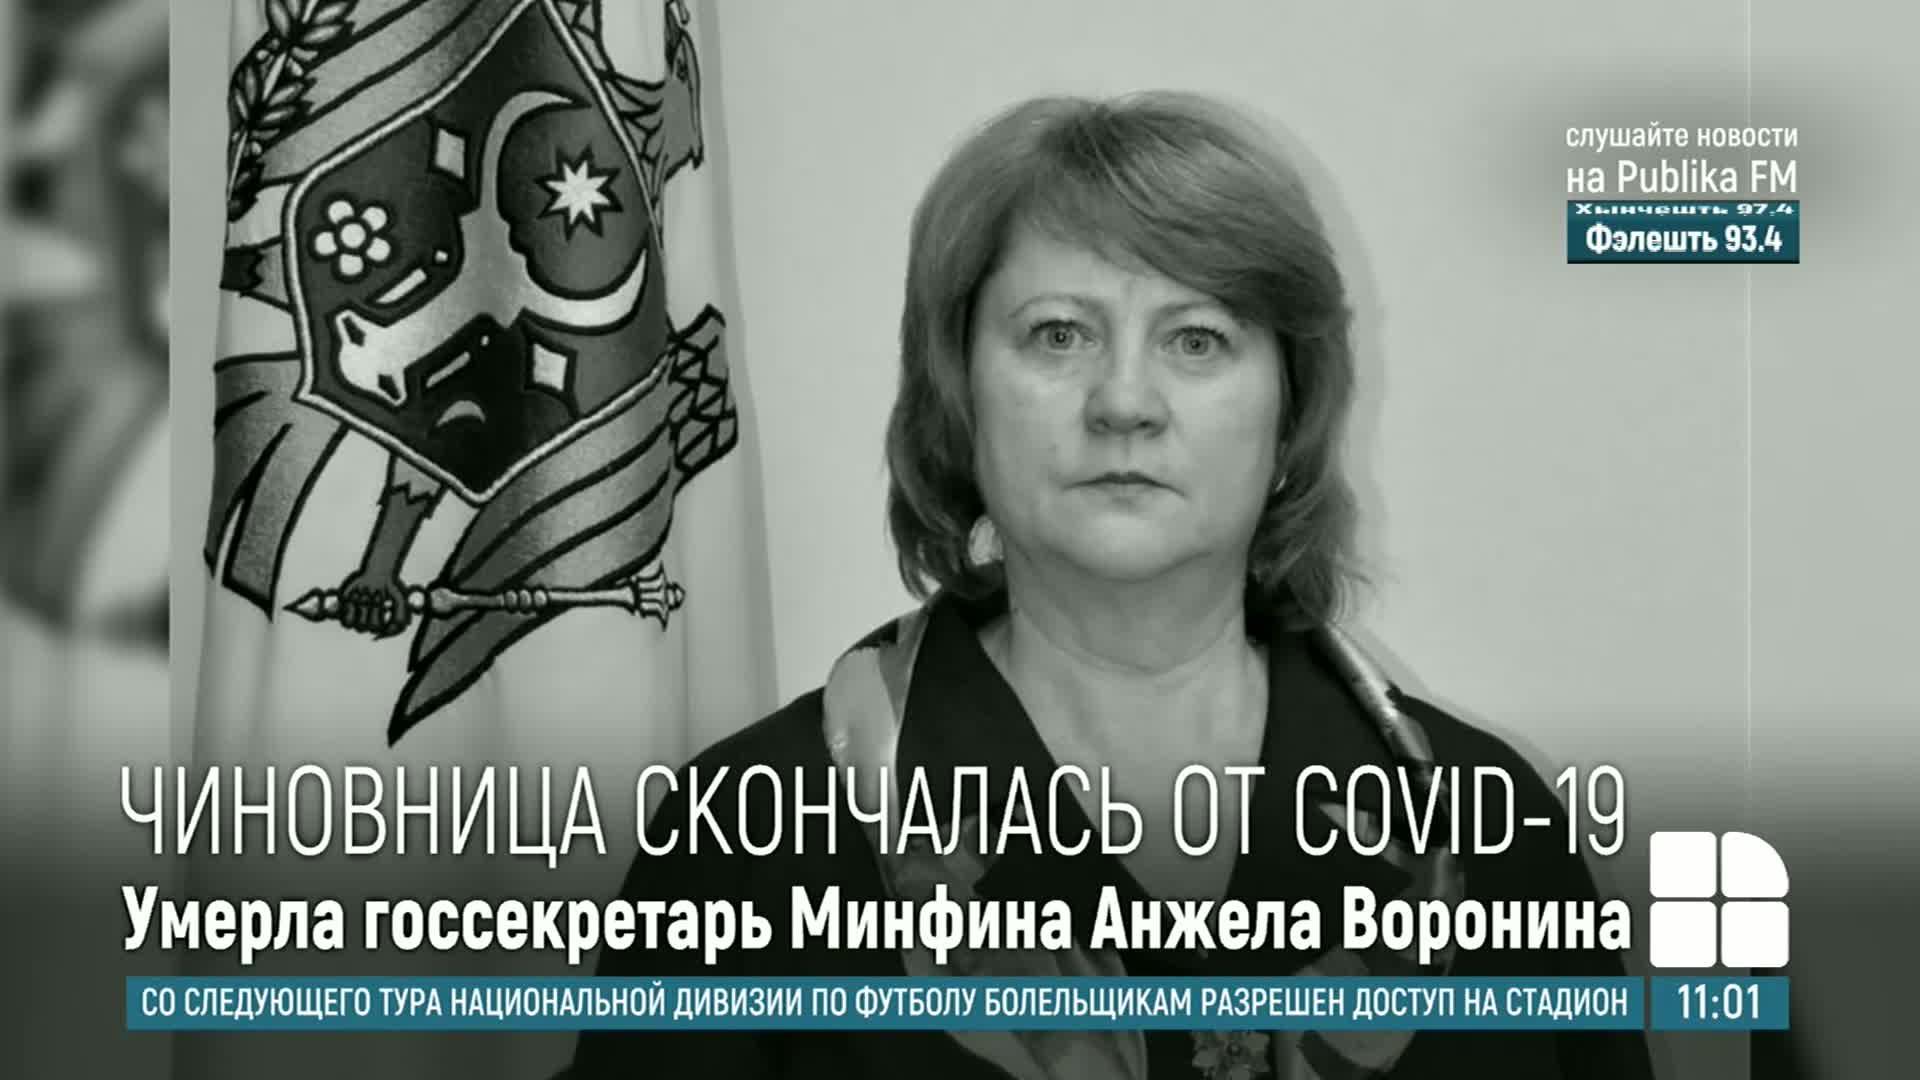 Траур в Министерстве финансов: из-за осложнений COVID-19 умерла госсекретарь Анжела Воронина